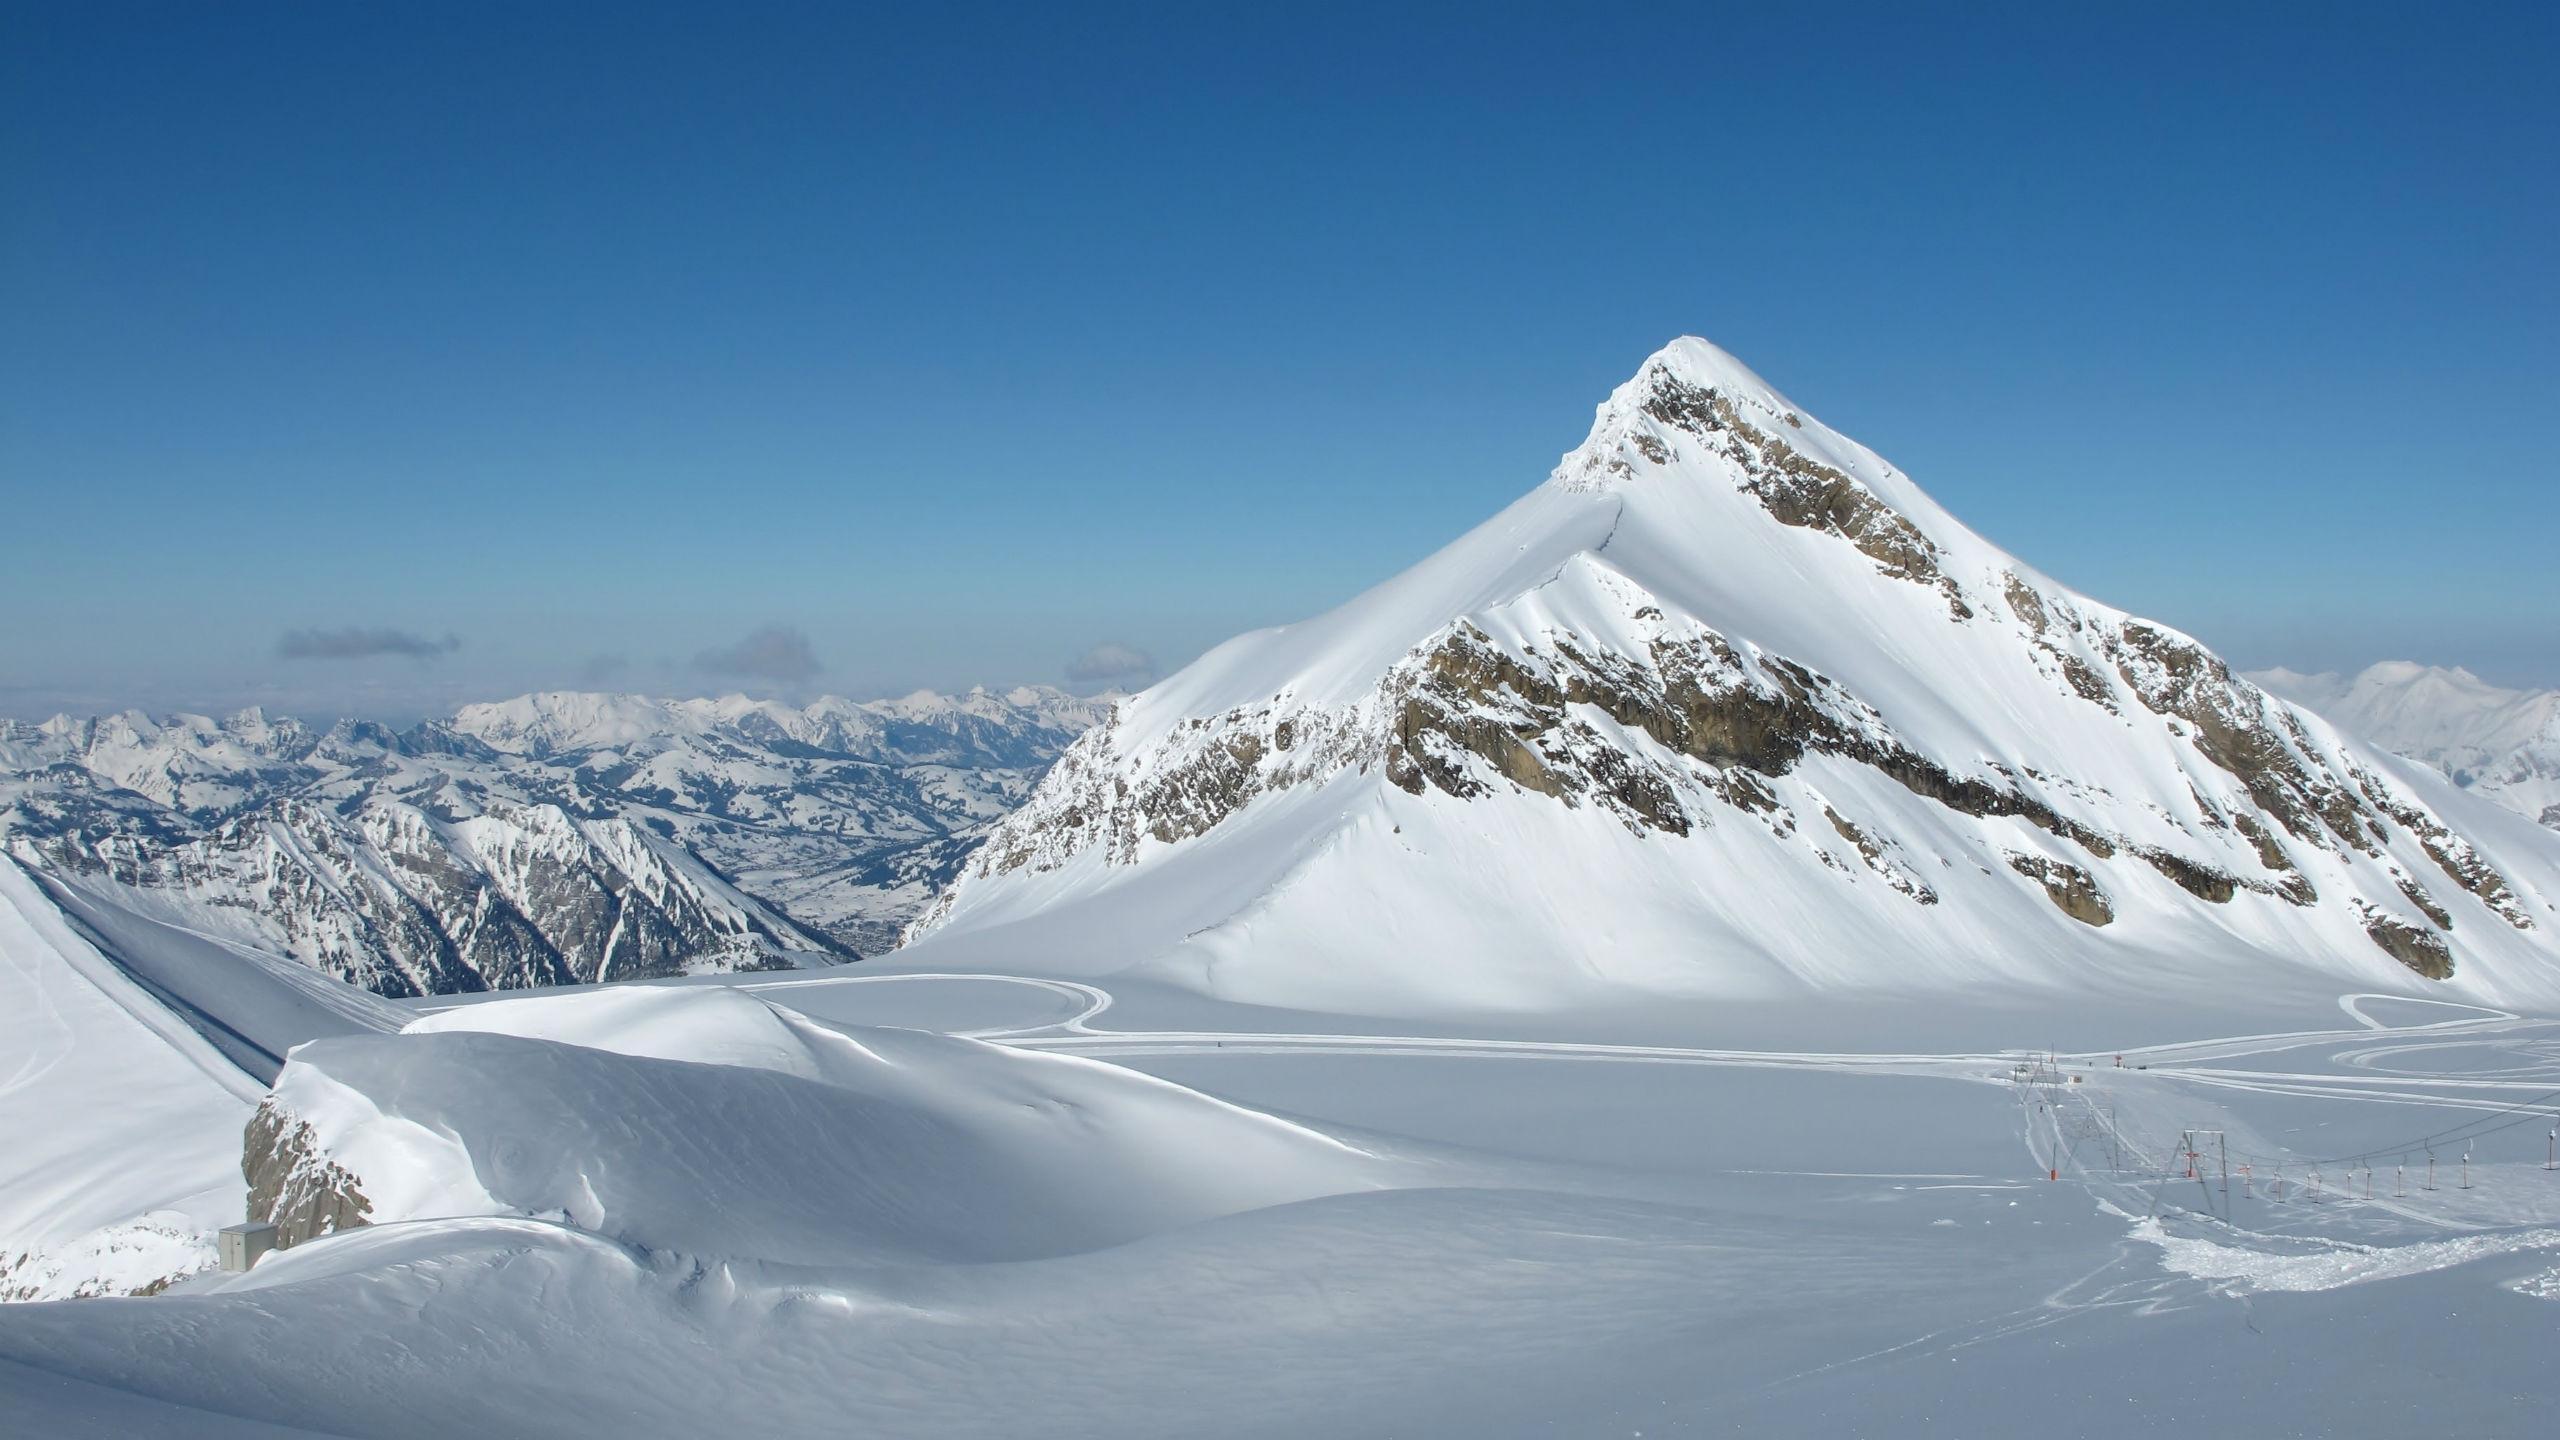 Ausblick über die schneebedeckten Bergspitzen des Skigebiets Les Diablerets, wo die örtlichen Skischulen ihre Skikurse ausführen.